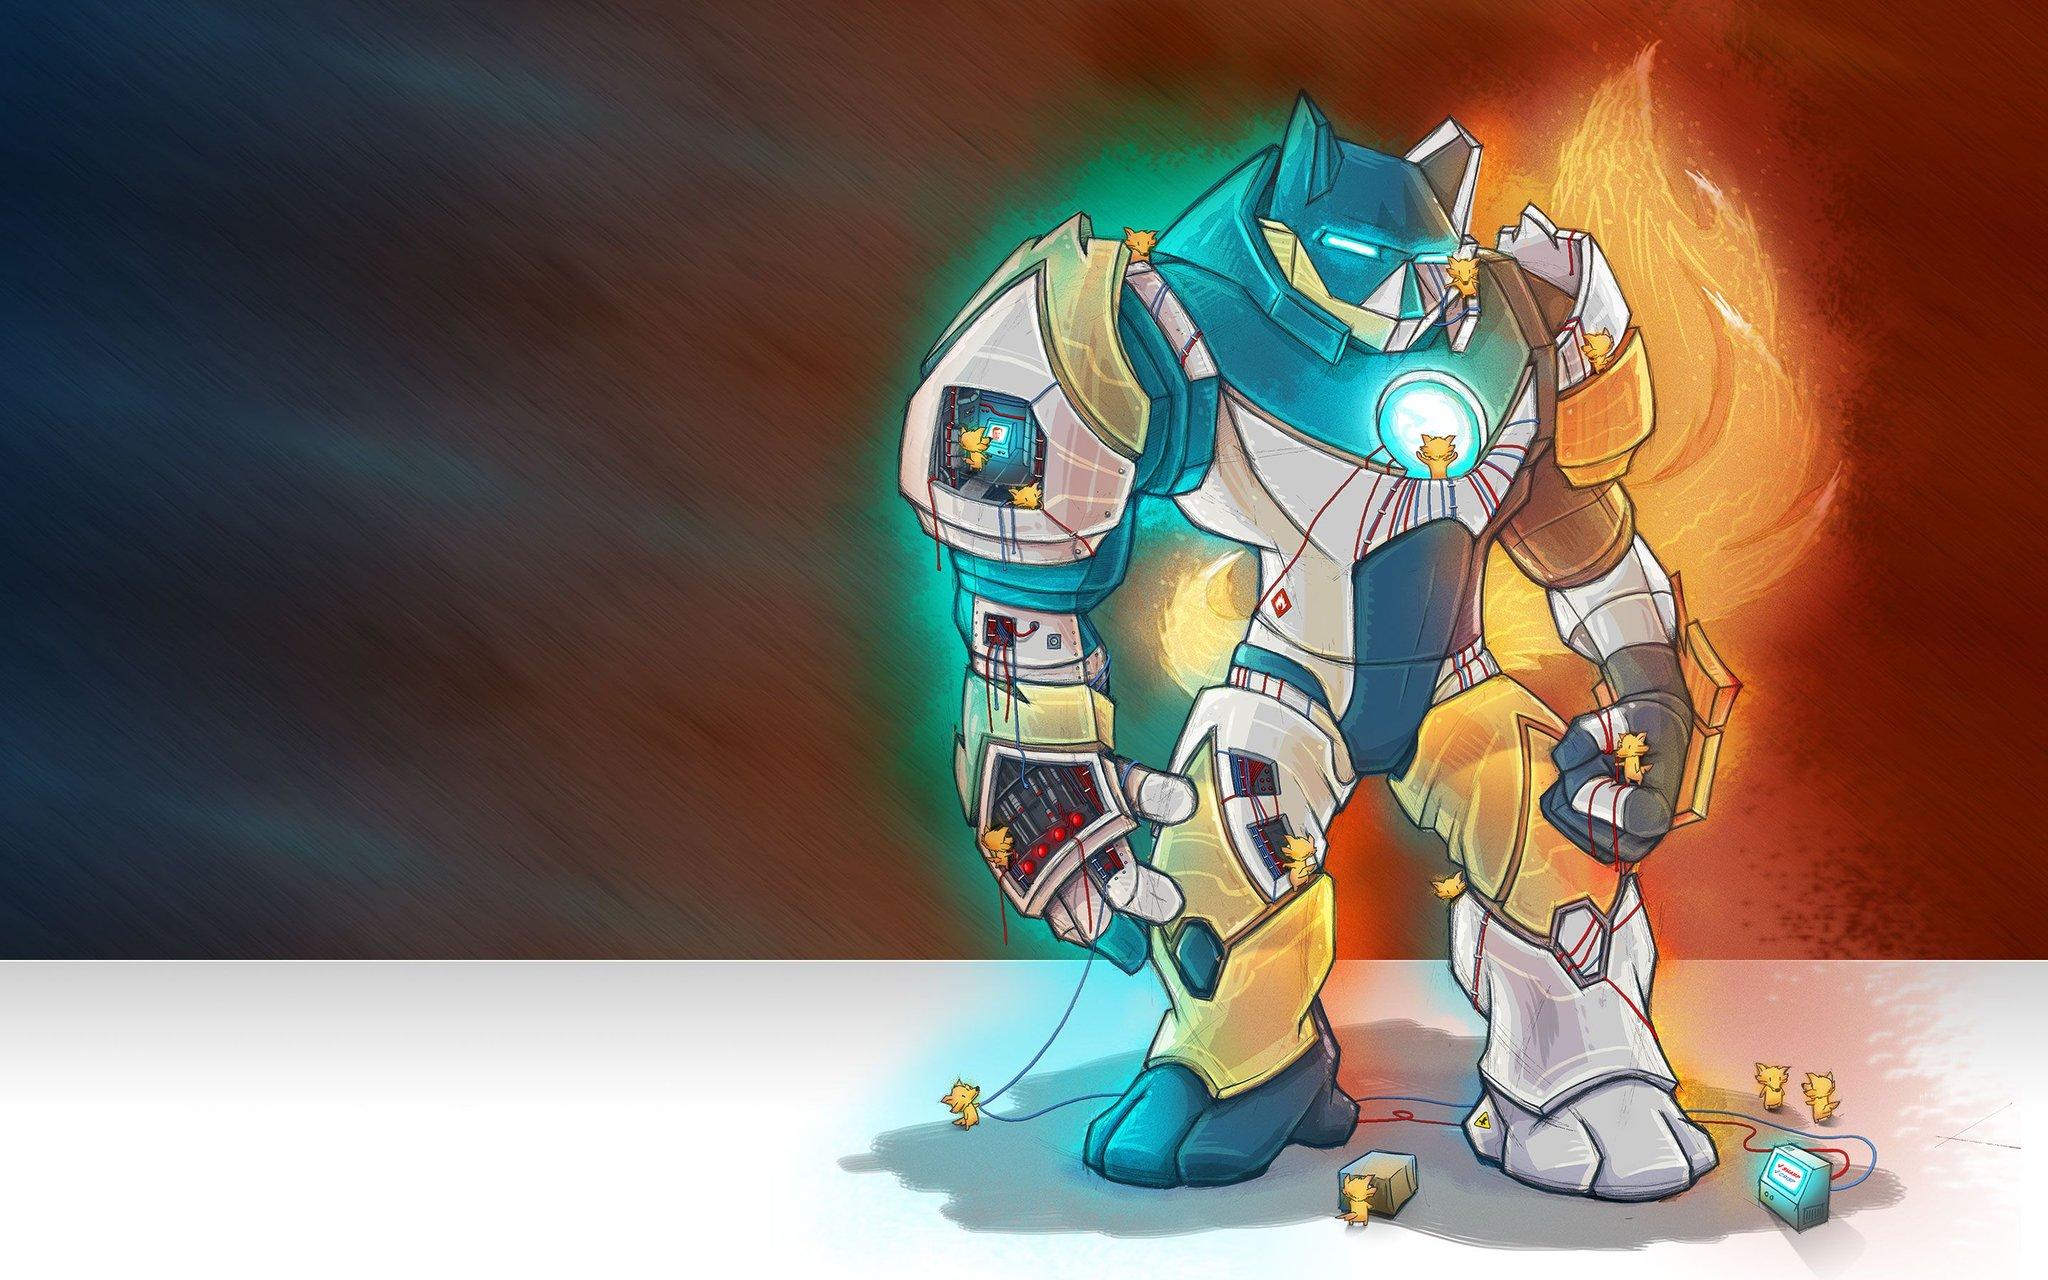 Возвращение огненной лисички: чего стоит ожидать от нового браузера Firefox 57?